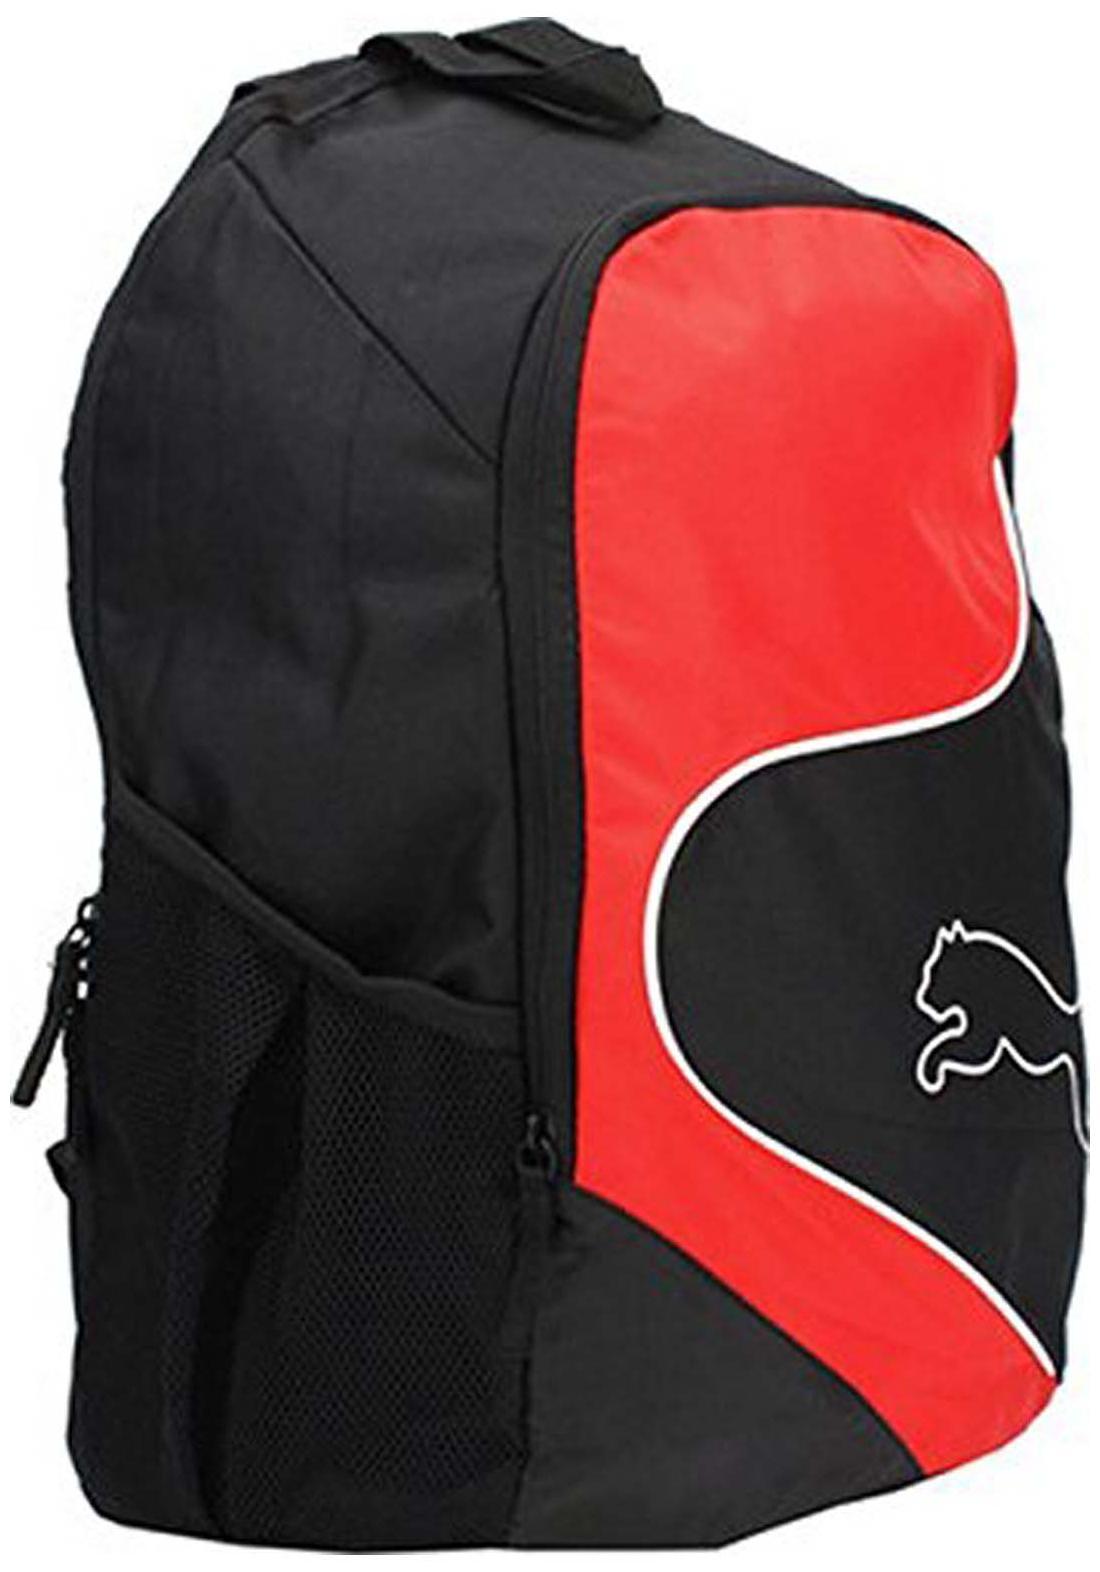 c8f771d2a4b1 Puma Men Backpack - Black   419 For Rs. 416 fashion   apparels- Deals